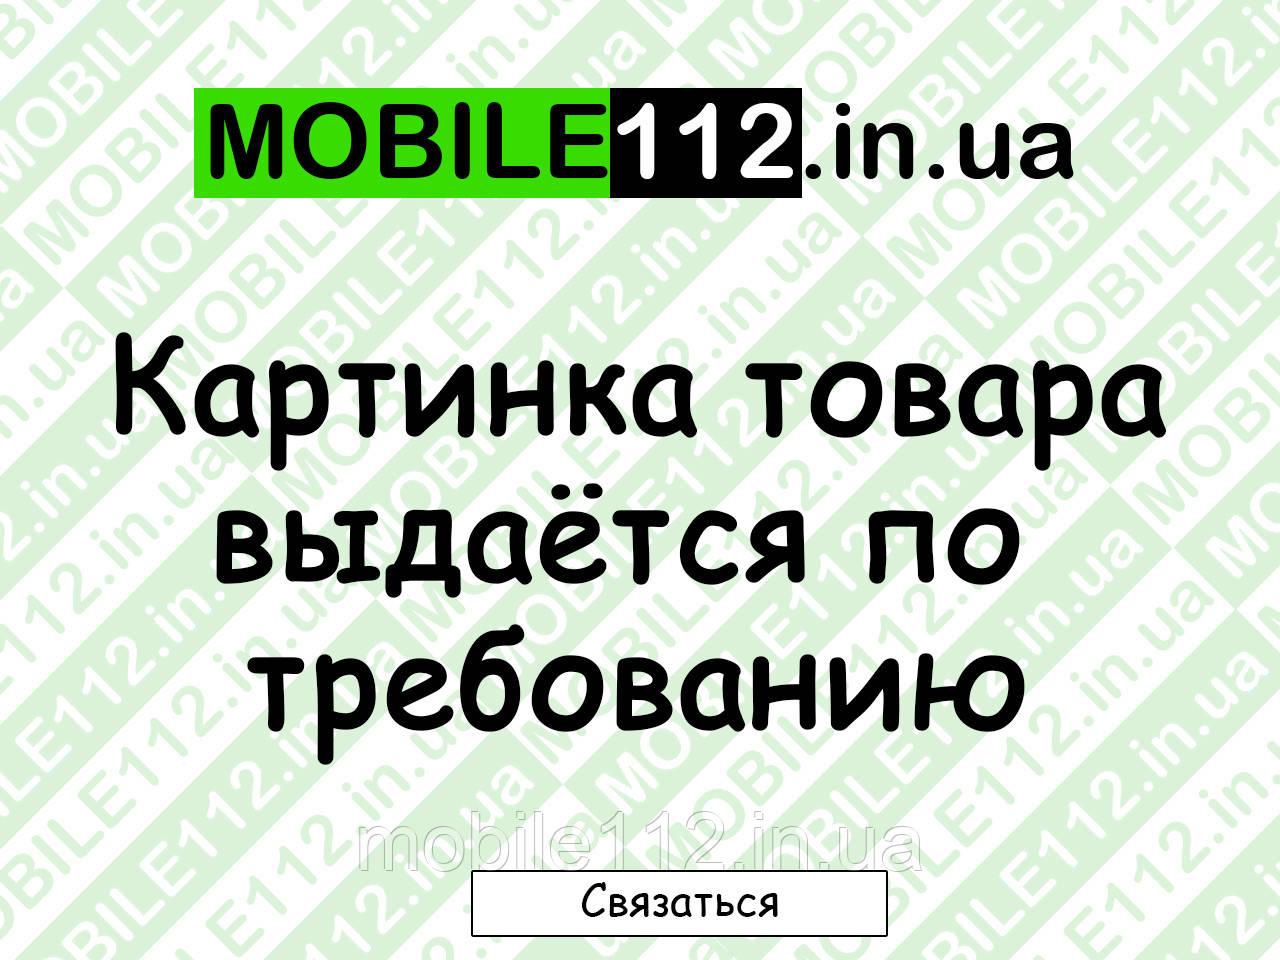 Аккумулятор на Motorola EB40, 3200/ 3300mAh, оригинал (Китай) XT910/ XT912/ XT916